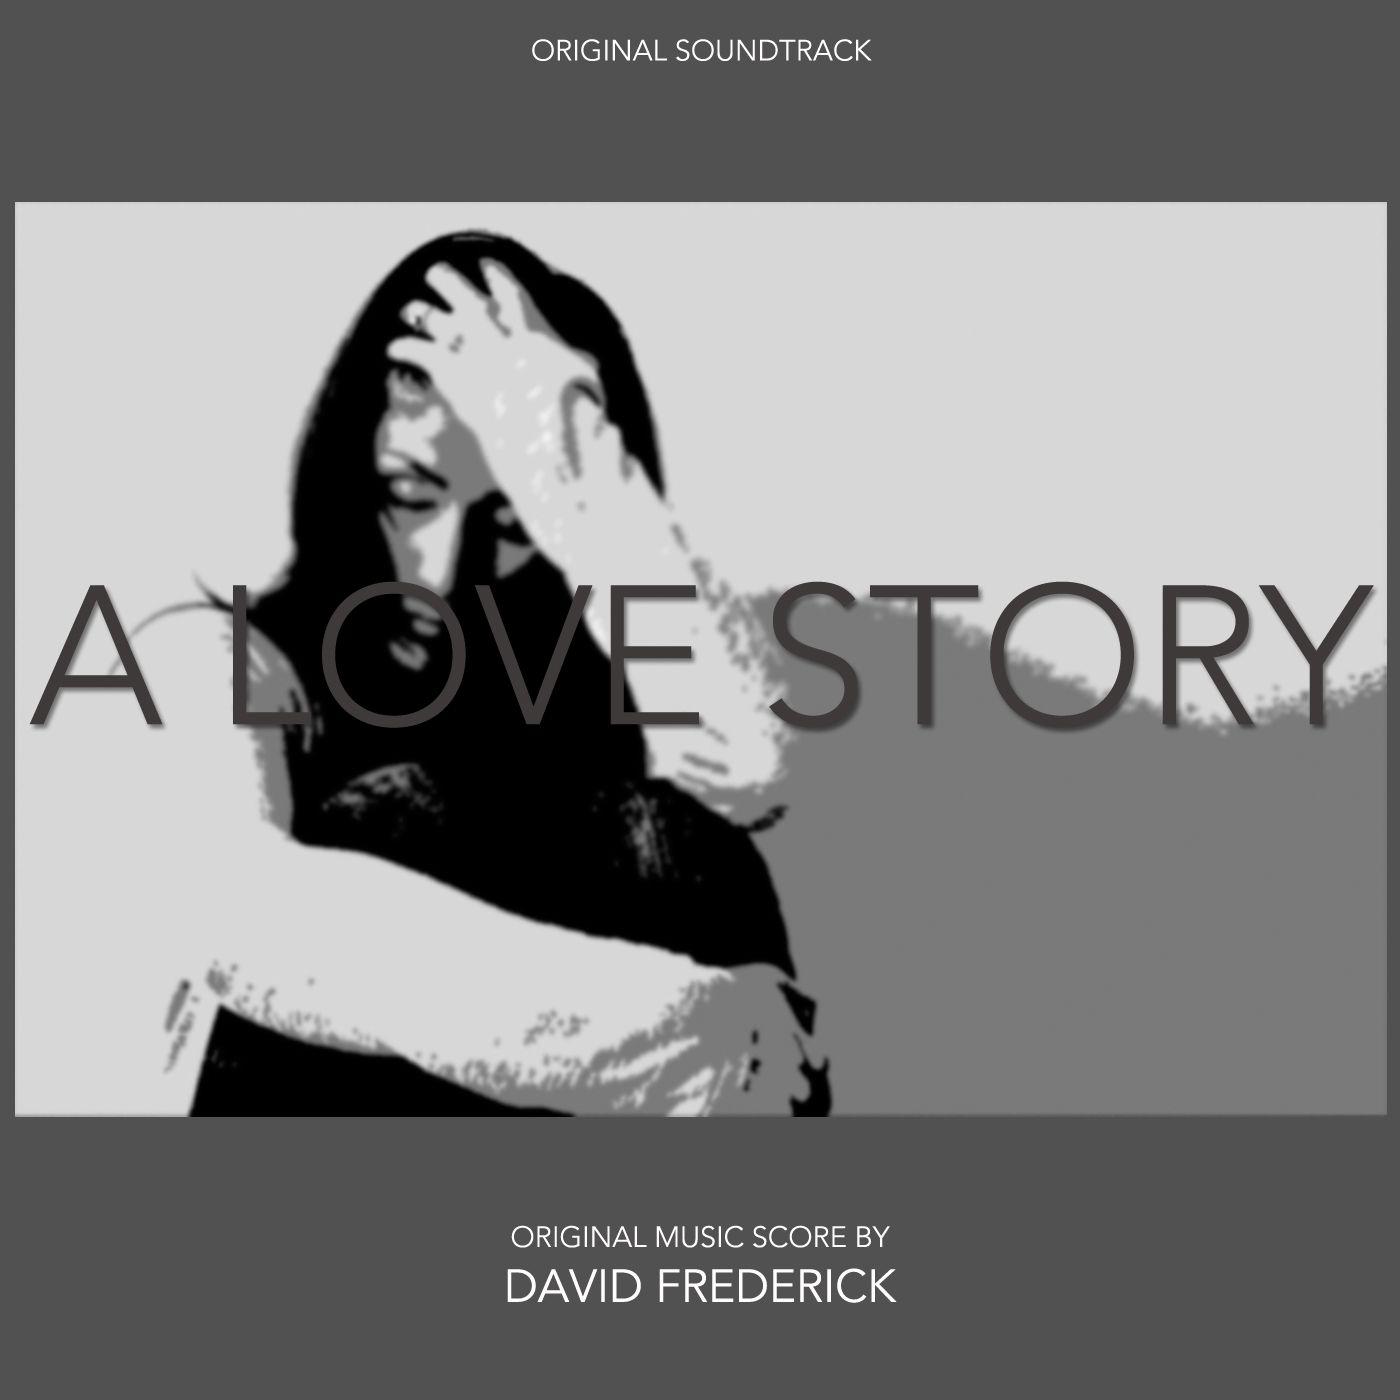 A Love Story Original Soundtrack